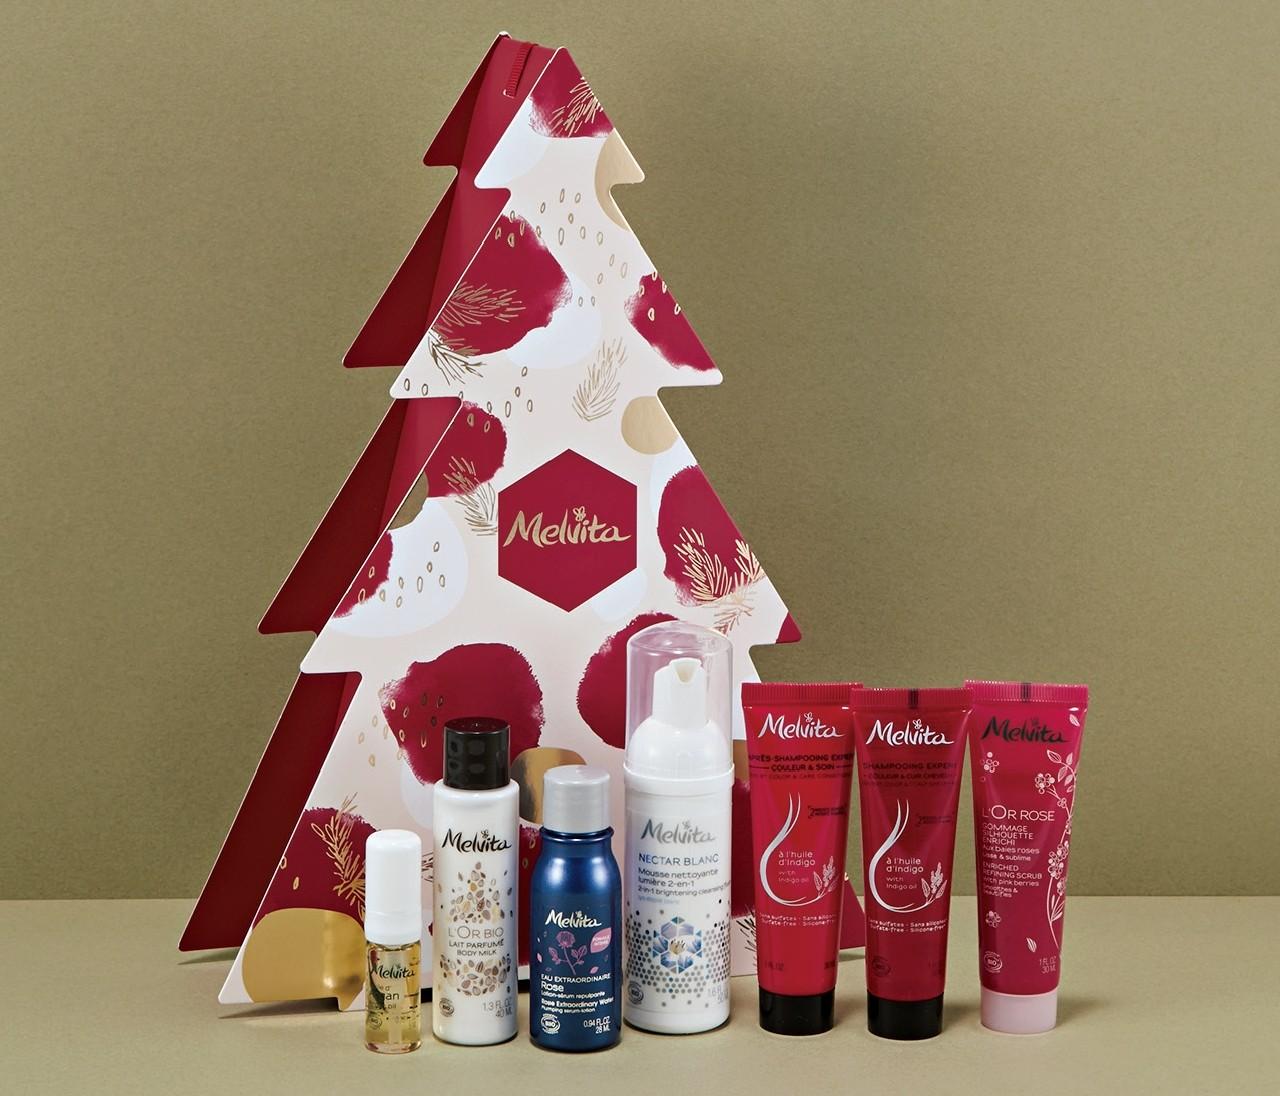 【クリスマスコフレ】メルヴィータジャポンはホリデー気分を盛り上げるツリーパッケージ♪